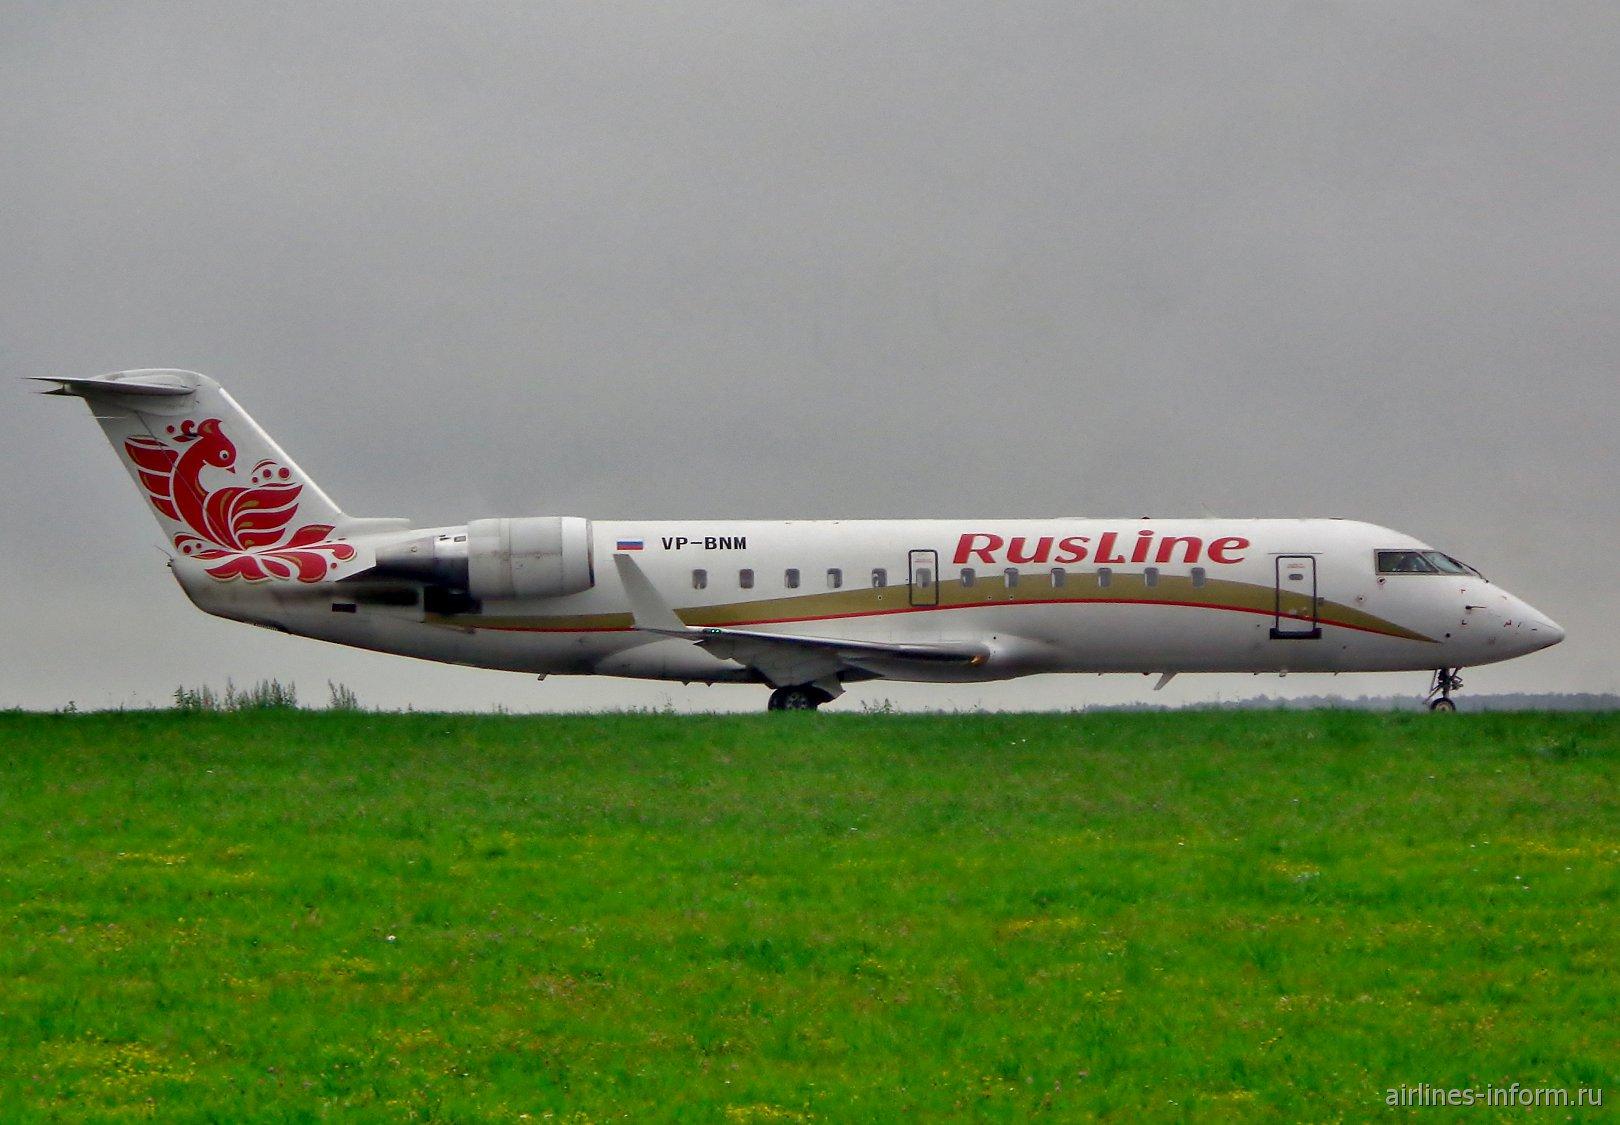 """Самолет Bombardier CRJ-100 VP-BNM авиакомпании """"Руслайн"""" в аэропорту Пулково"""